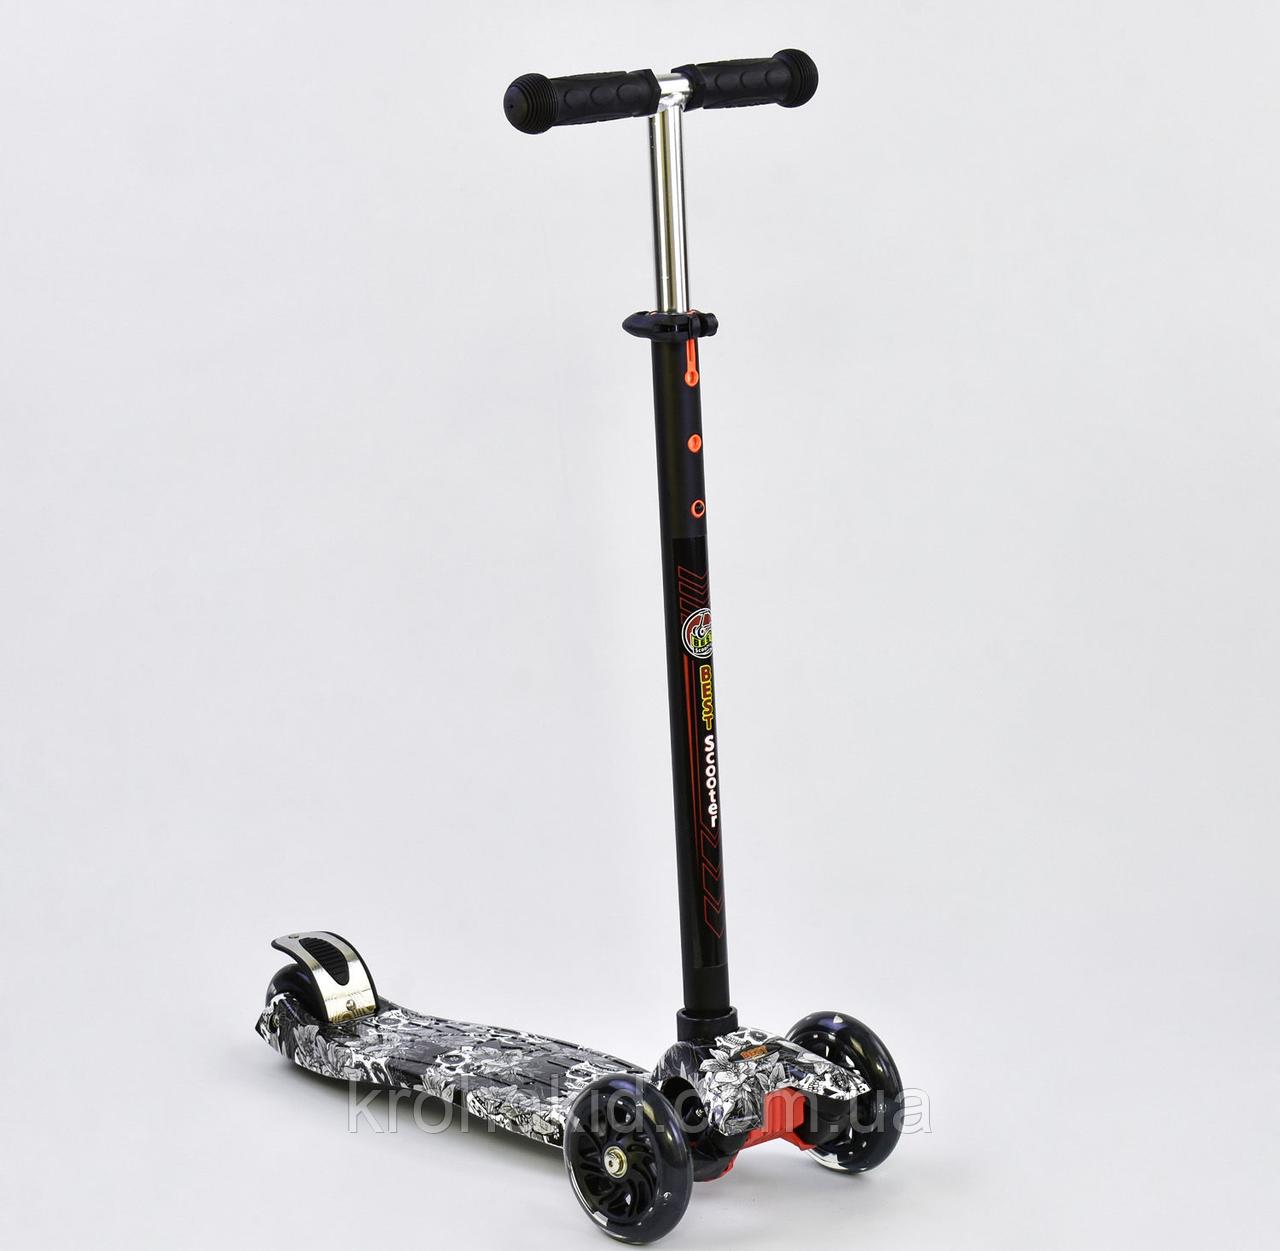 Самокат Best Scooter А 25465/779-1320  Maxi черный , свет. колеса PU, трубка руля алюминиевая